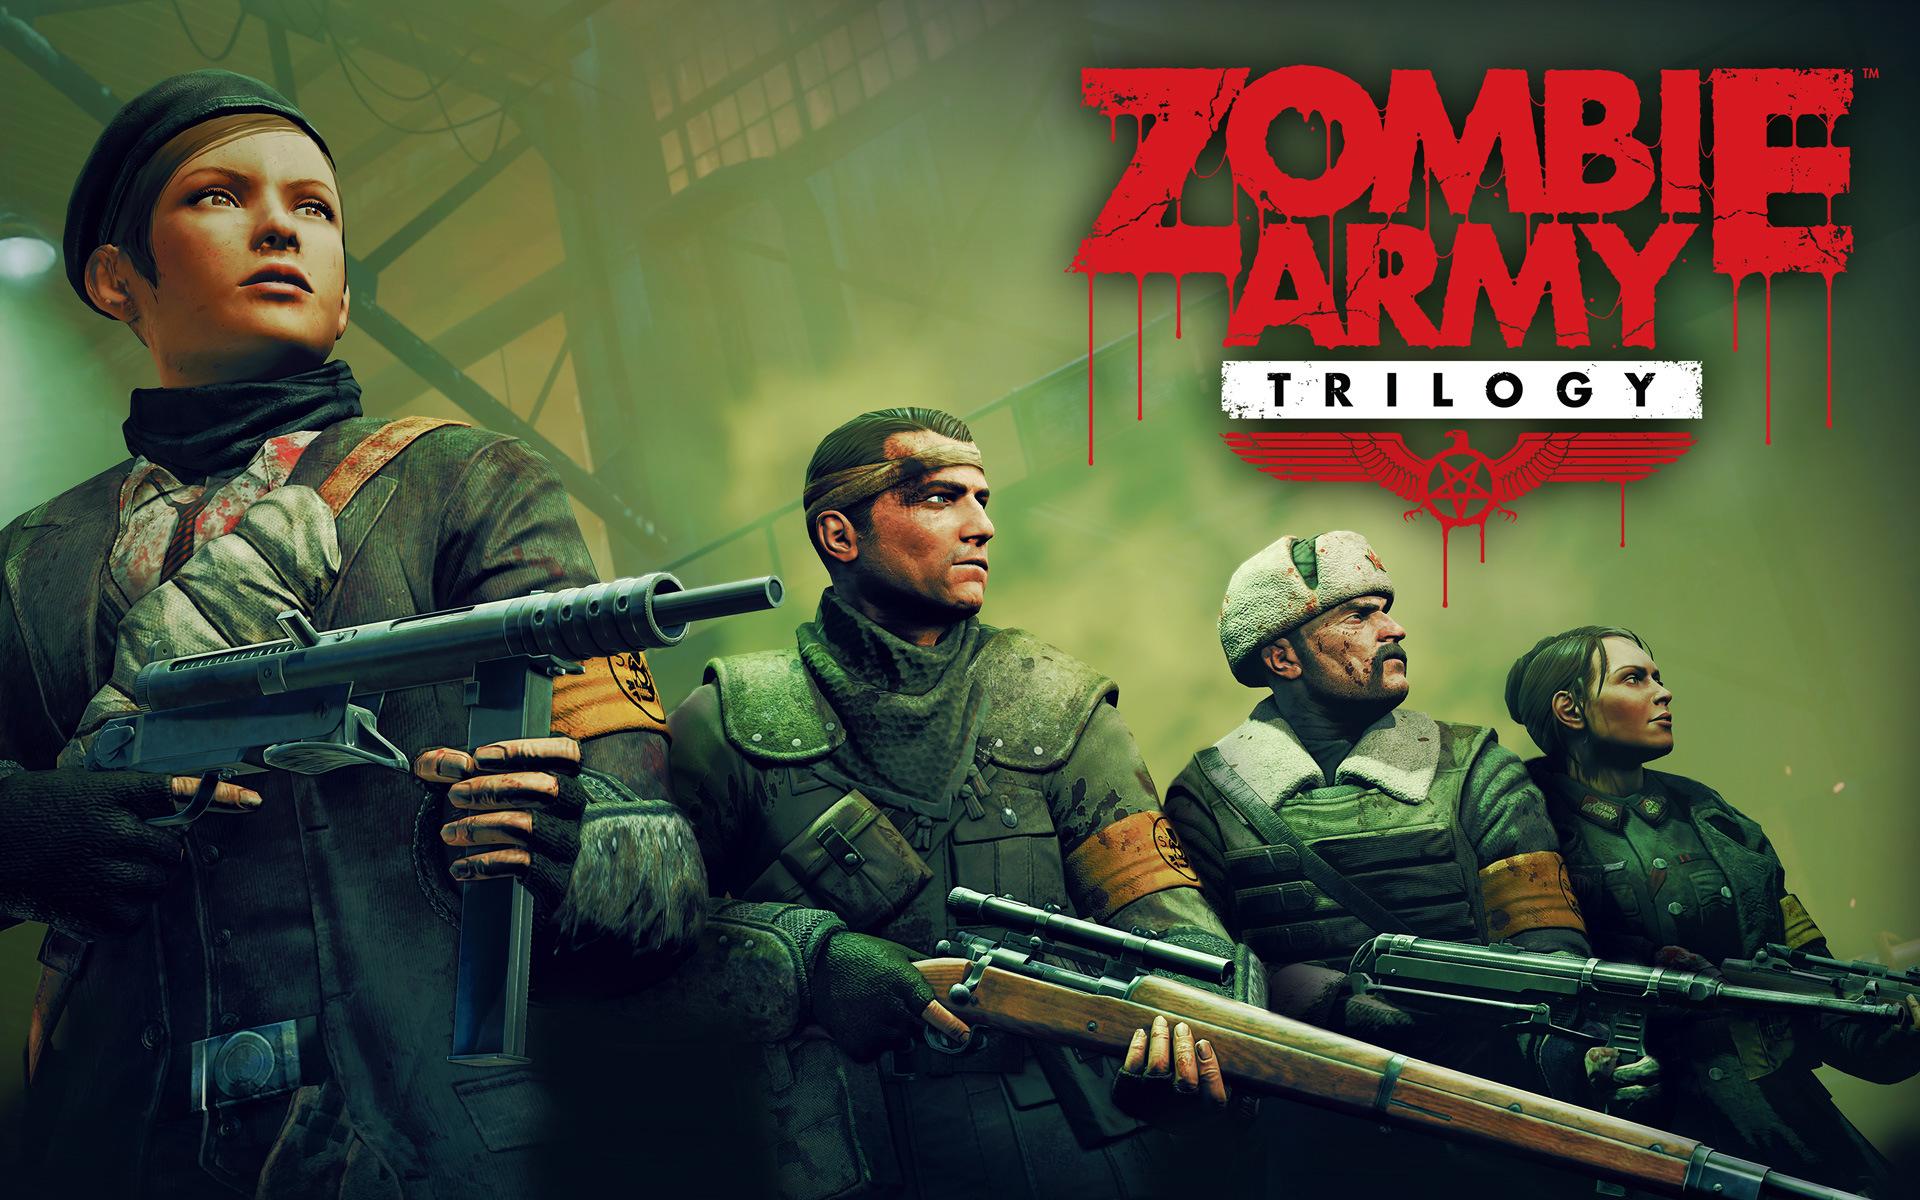 zombie-army-trilogy-1920x1200.jpg